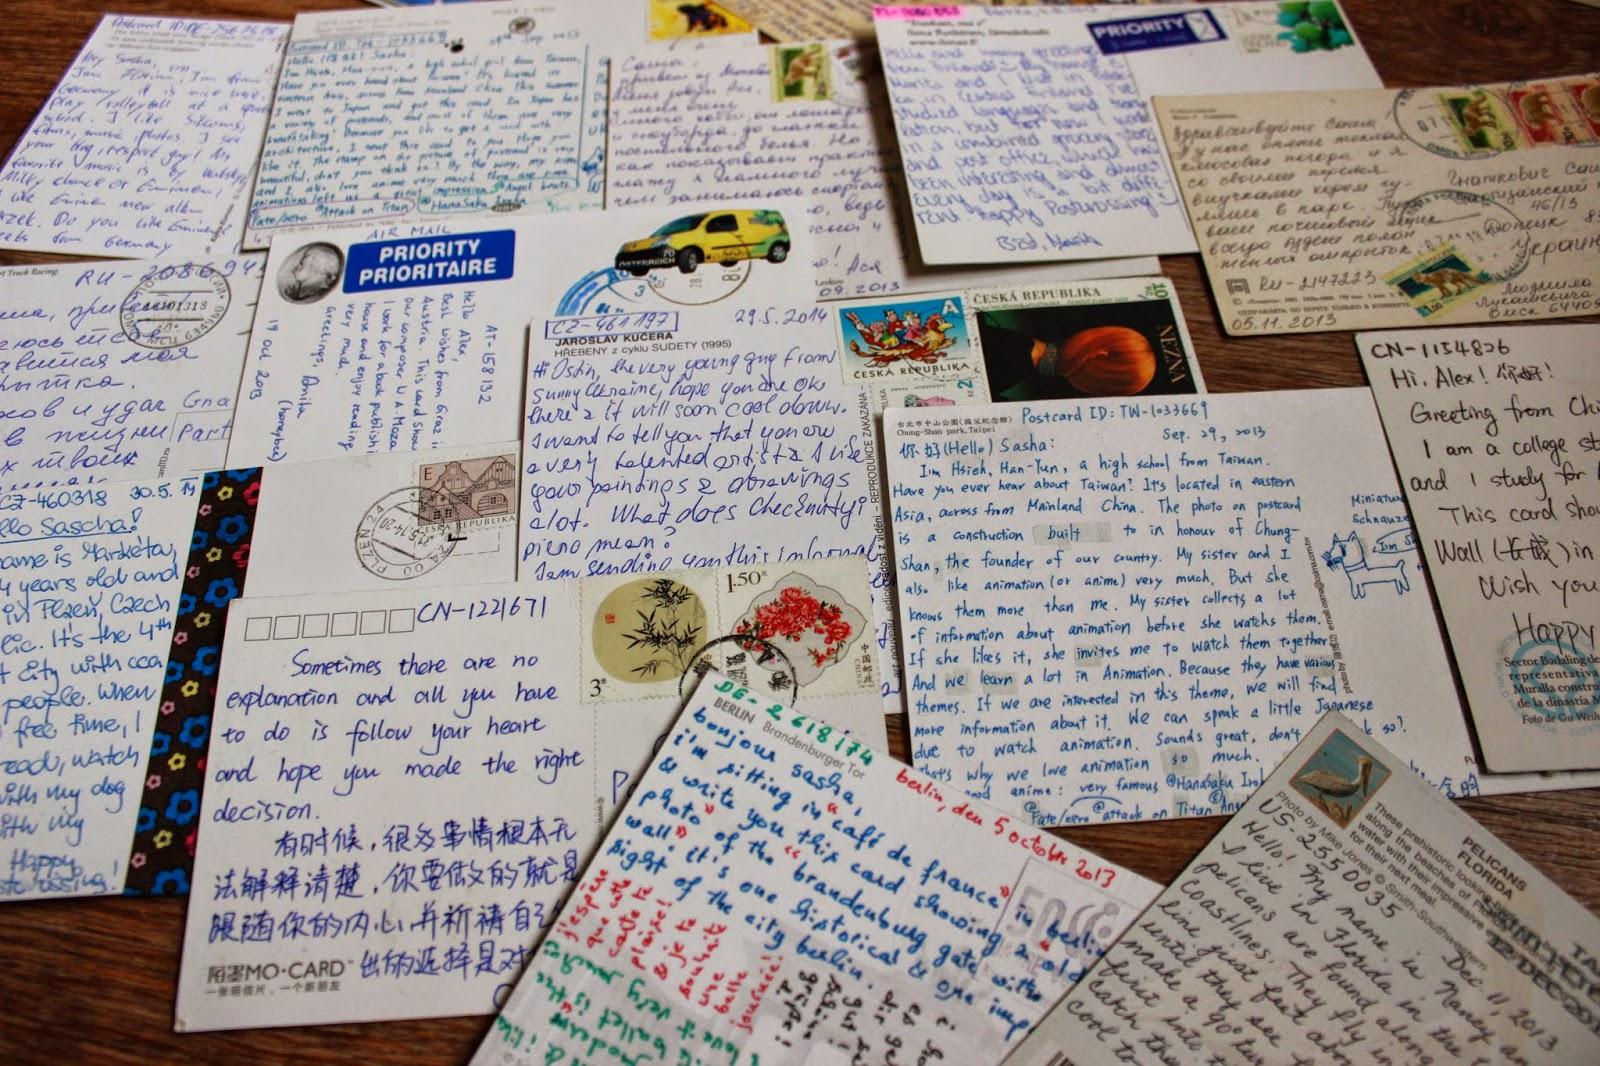 открытки, посткроссинг, красивые открытки, весточка, открыточки, хобби